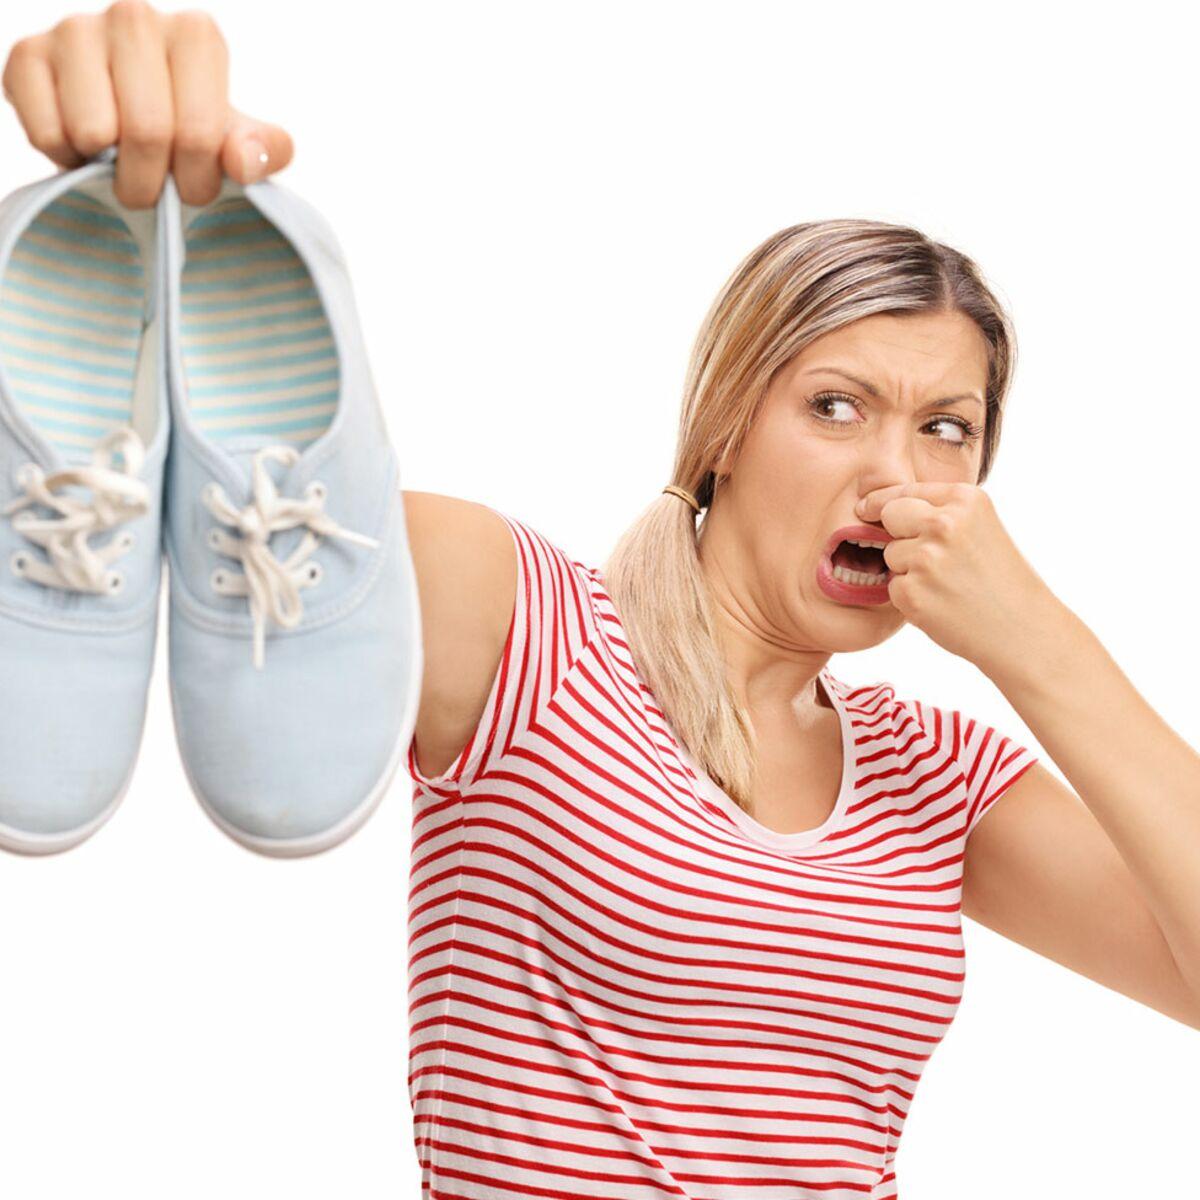 Astuce bien-être : comment éviter que vos chaussures ne sentent mauvais ?